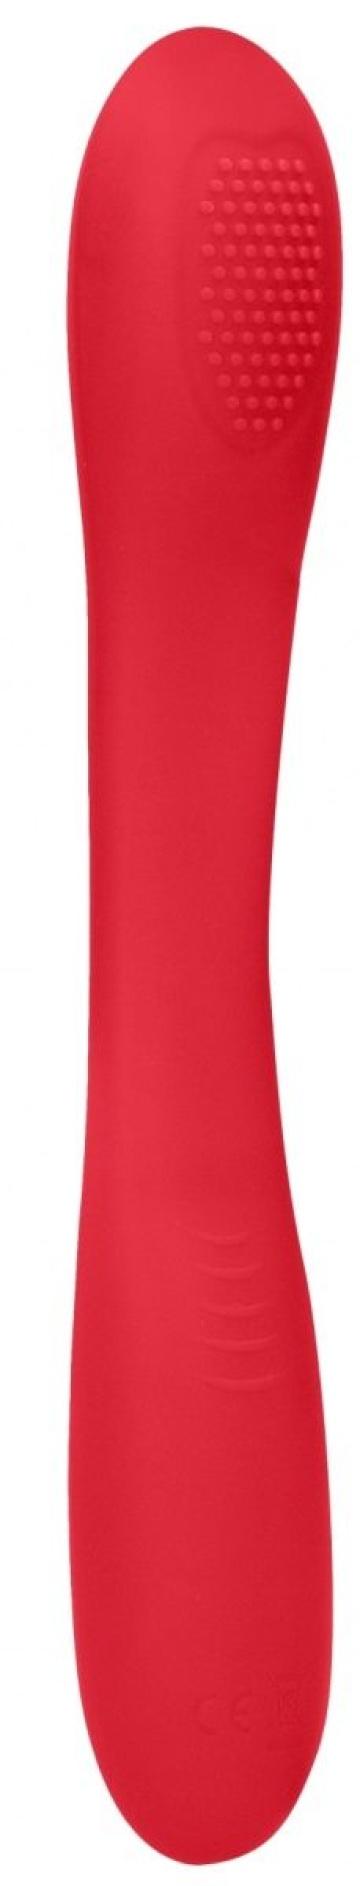 Красный двухсторонний вибратор Flex - 21,5 см.